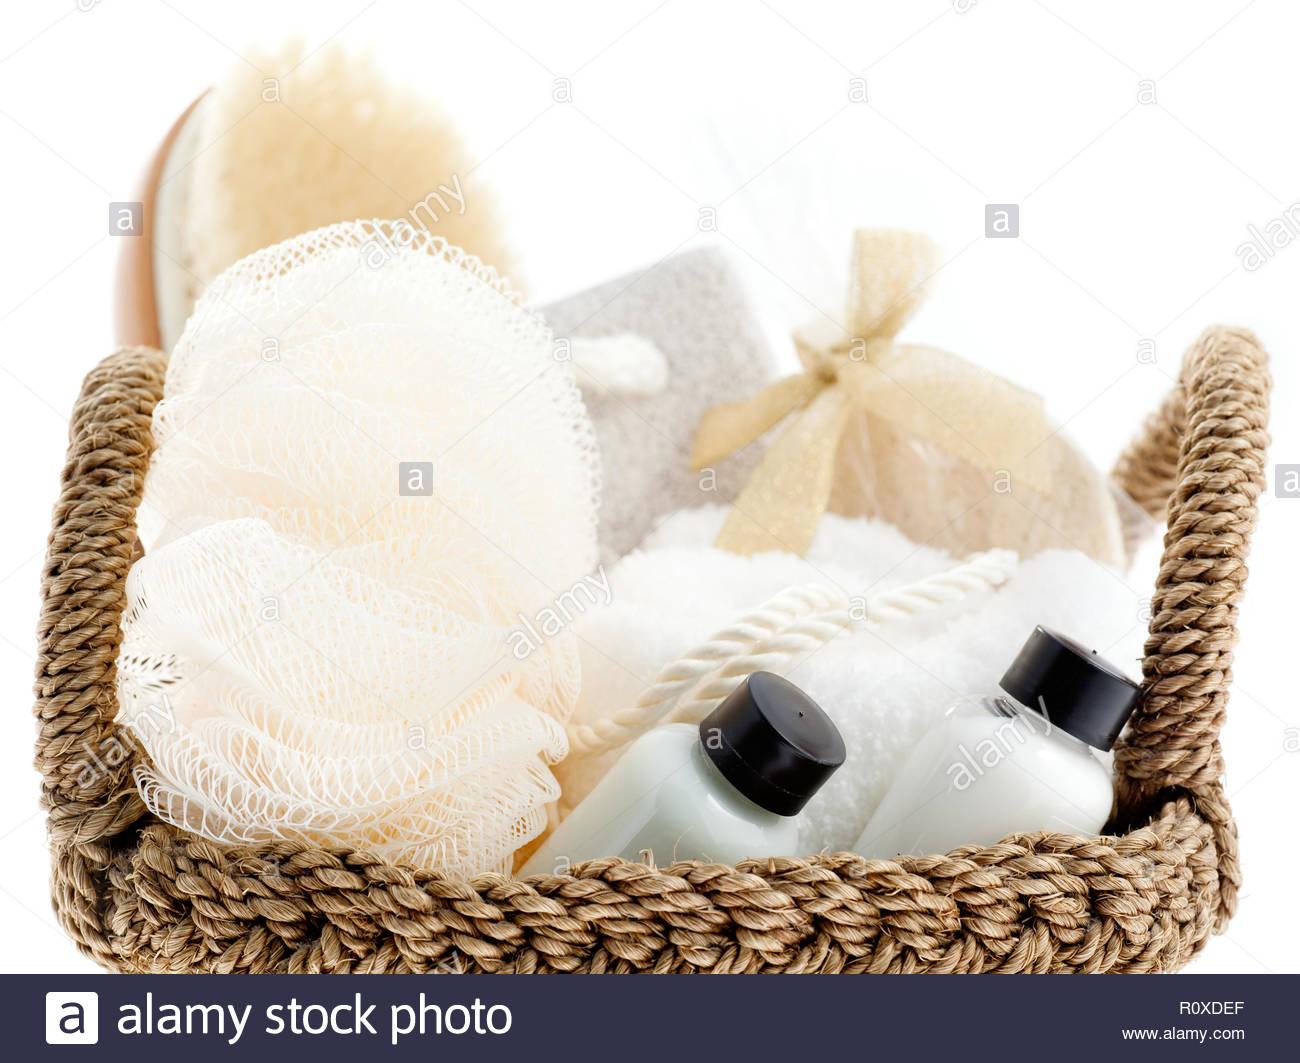 Cesto tessuto standard con articoli da bagno spazzola for Articoli da bagno